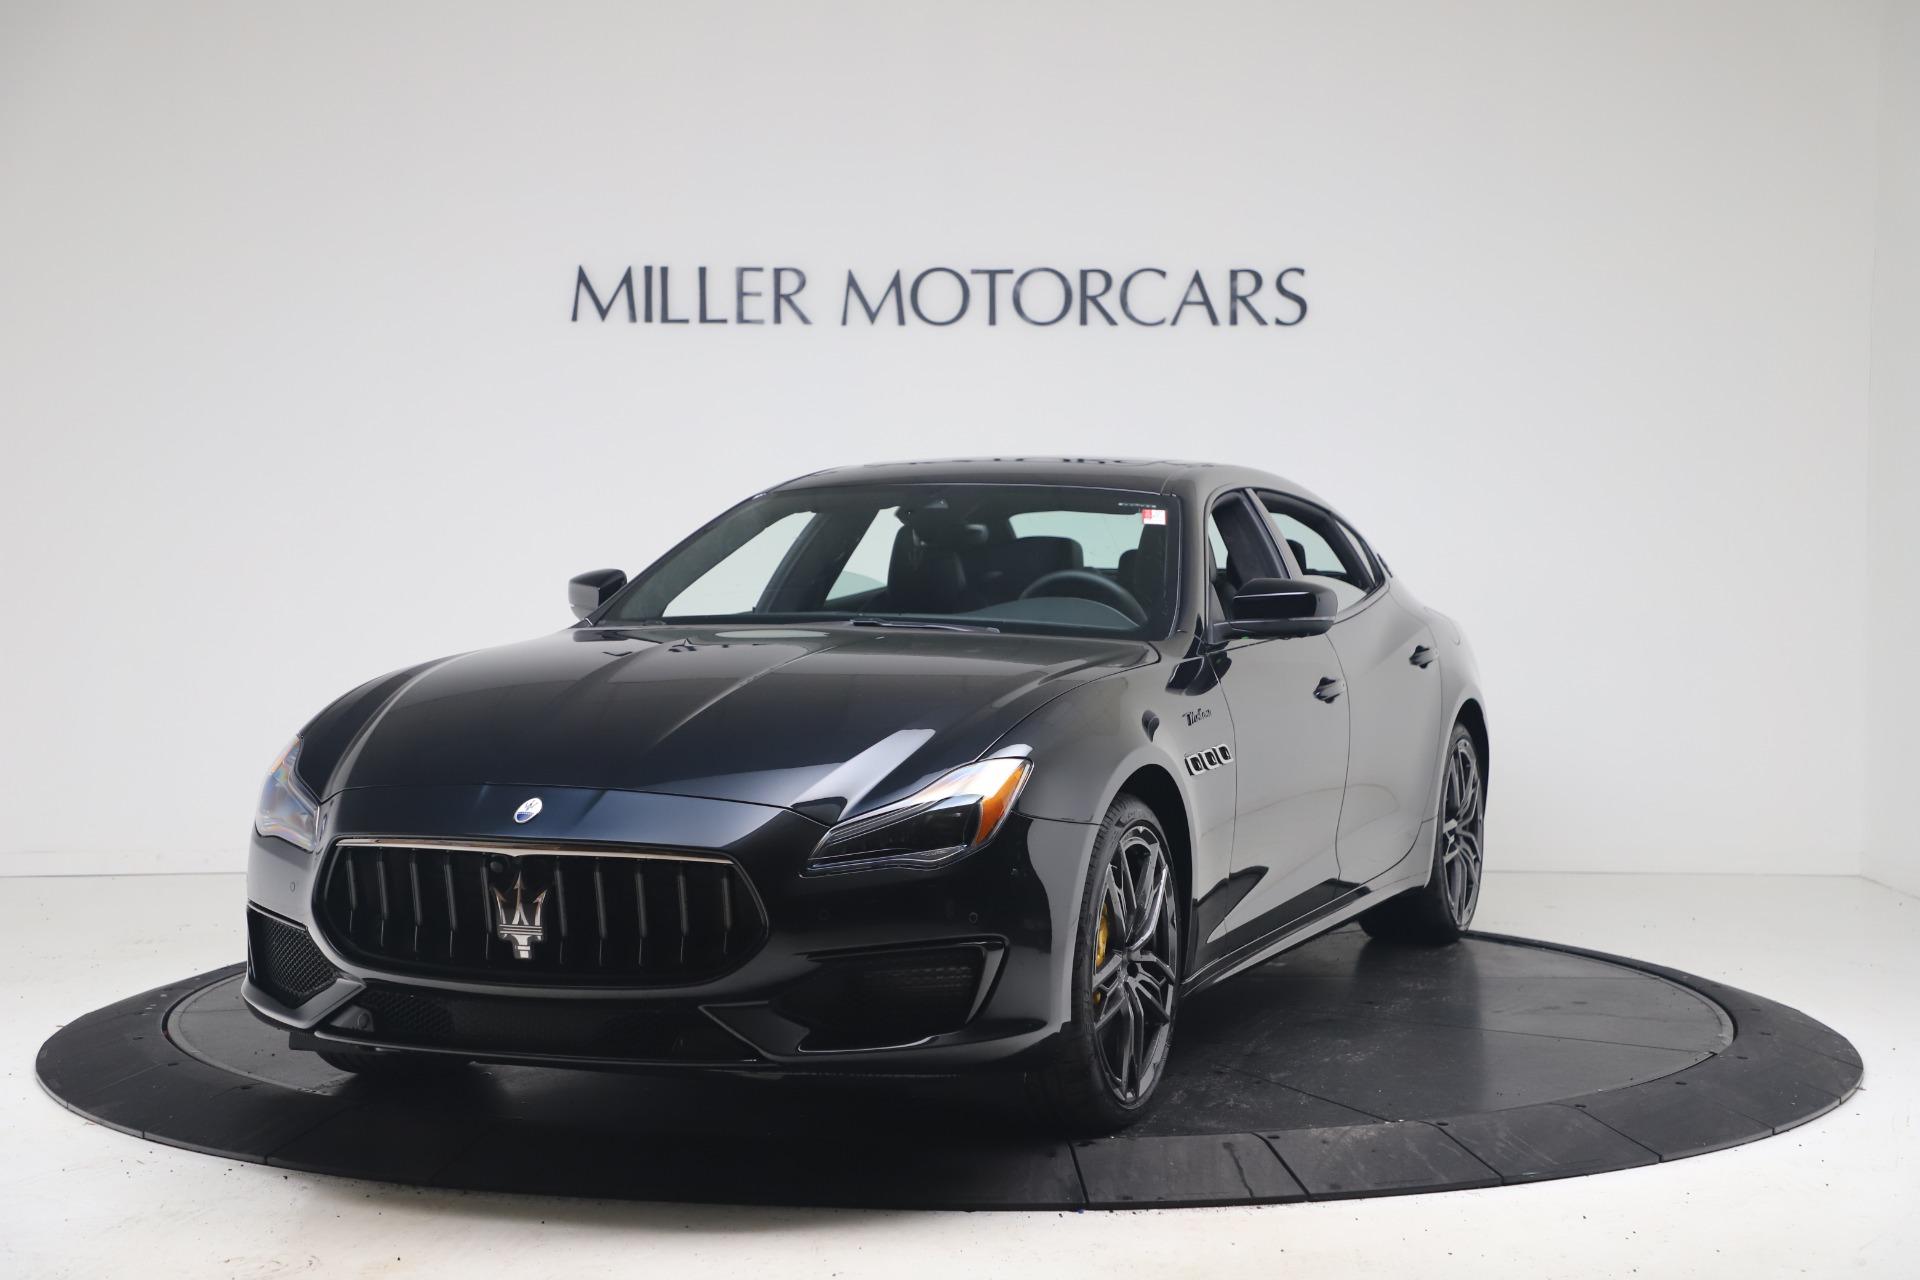 New 2022 Maserati Quattroporte Modena Q4 for sale $131,195 at Alfa Romeo of Westport in Westport CT 06880 1